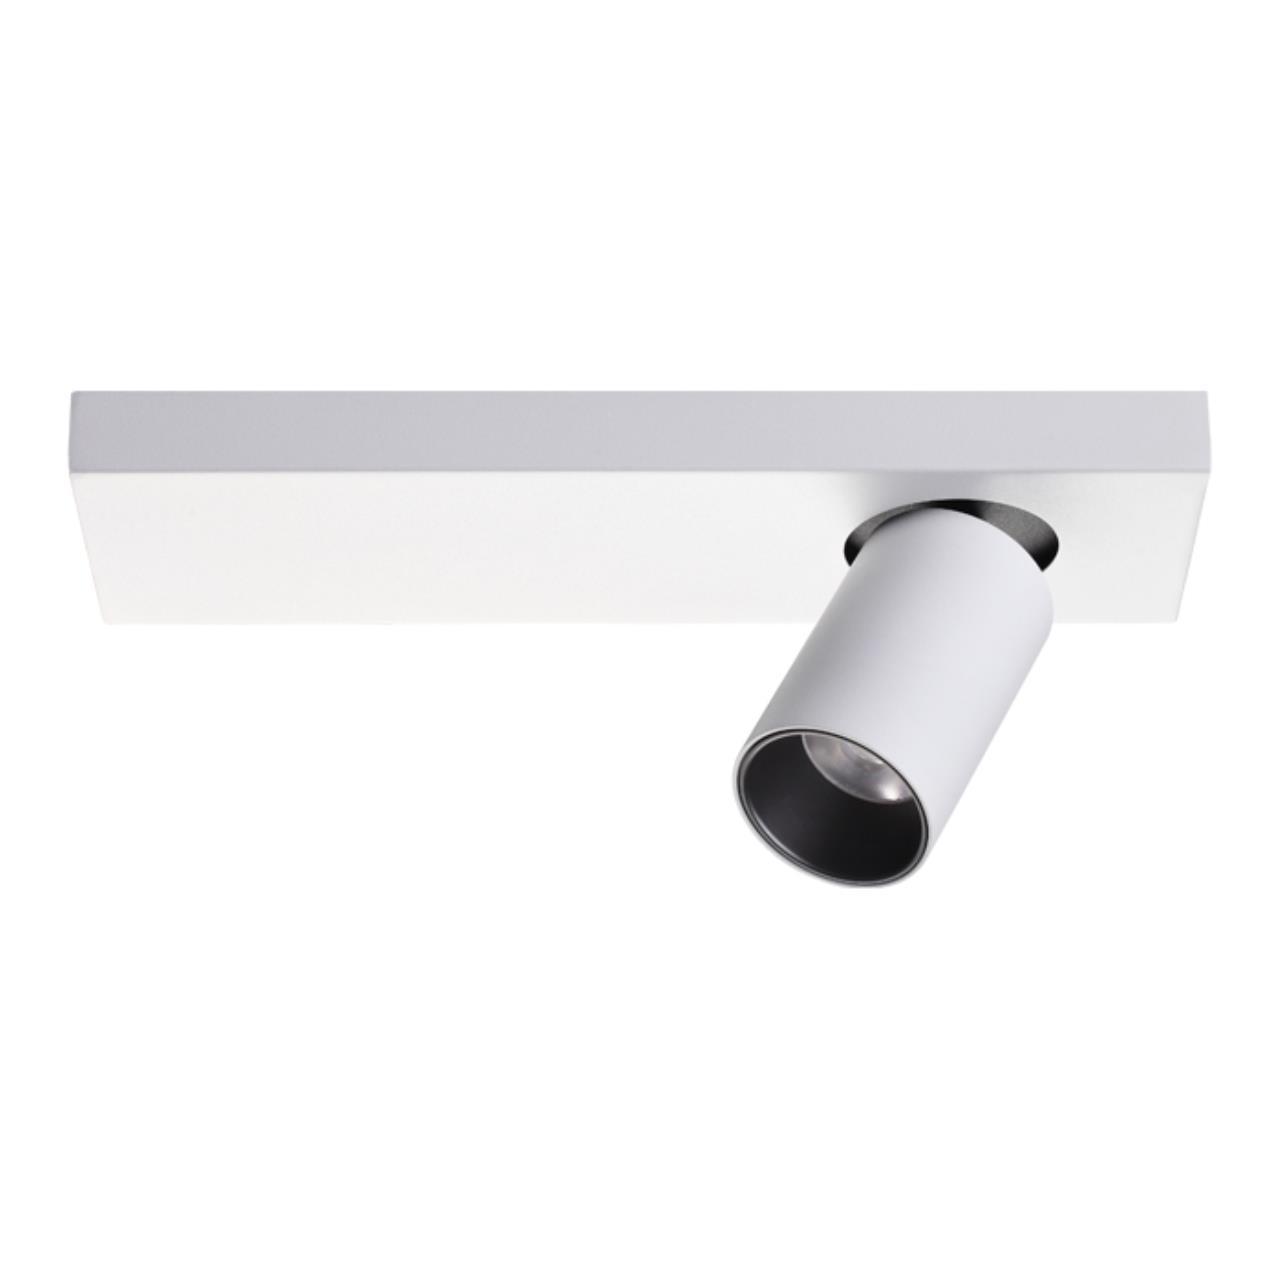 357934 OVER NT19 027 белый/черный Накладной светильник IP20 LED 3000К 11W 220-240V BELLA